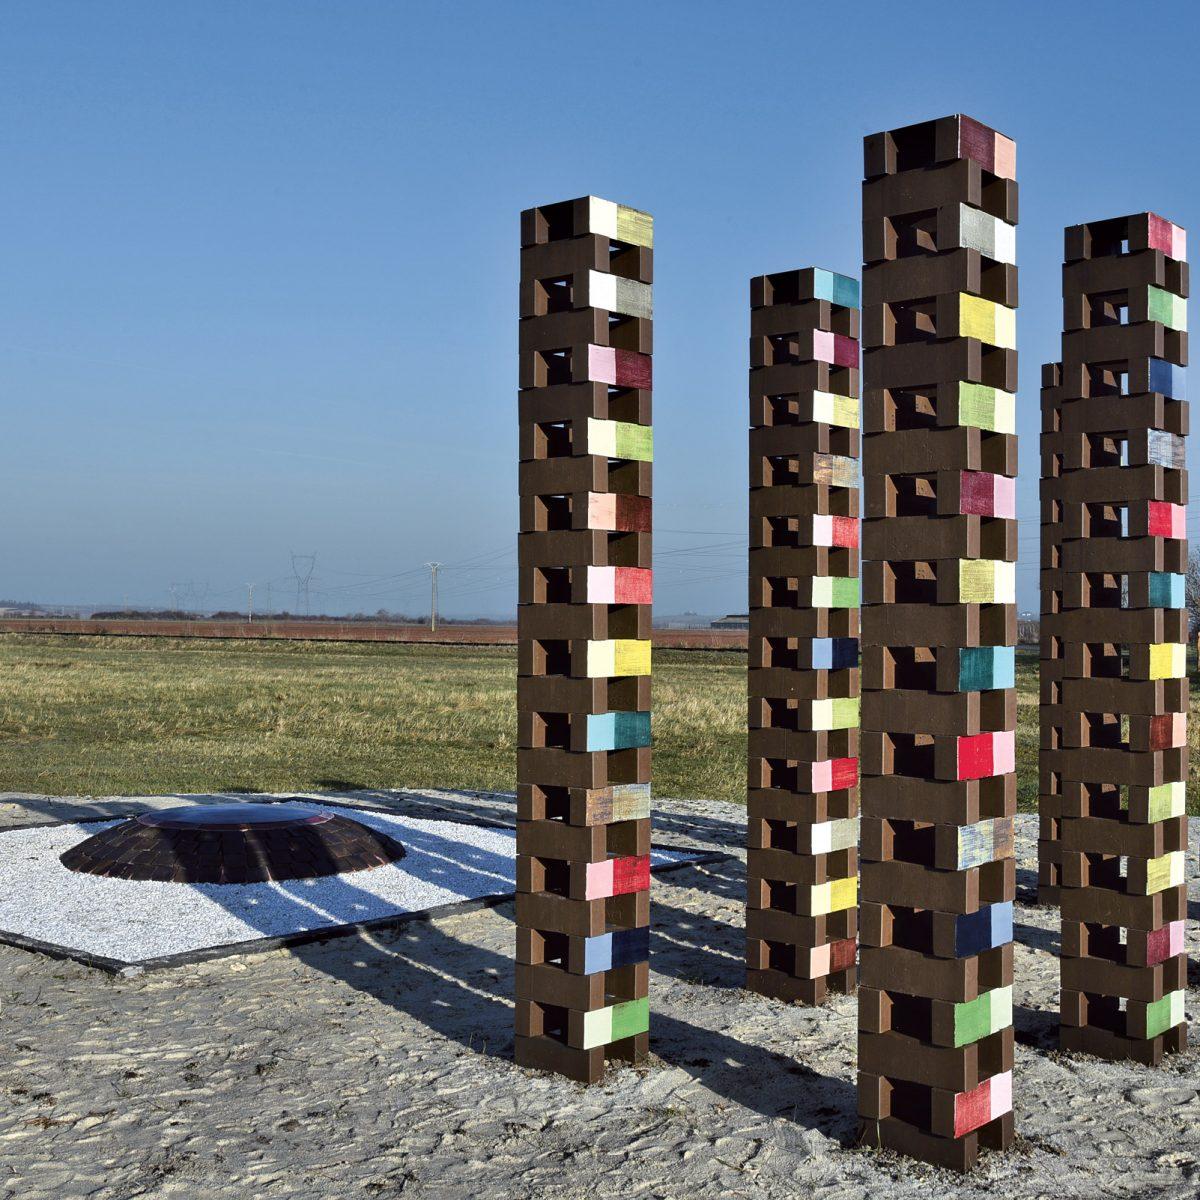 8 colonnes ajourées en briques couleur réglisse dont une face est émaillée de plusieurs couleurs vives et pétillantes.